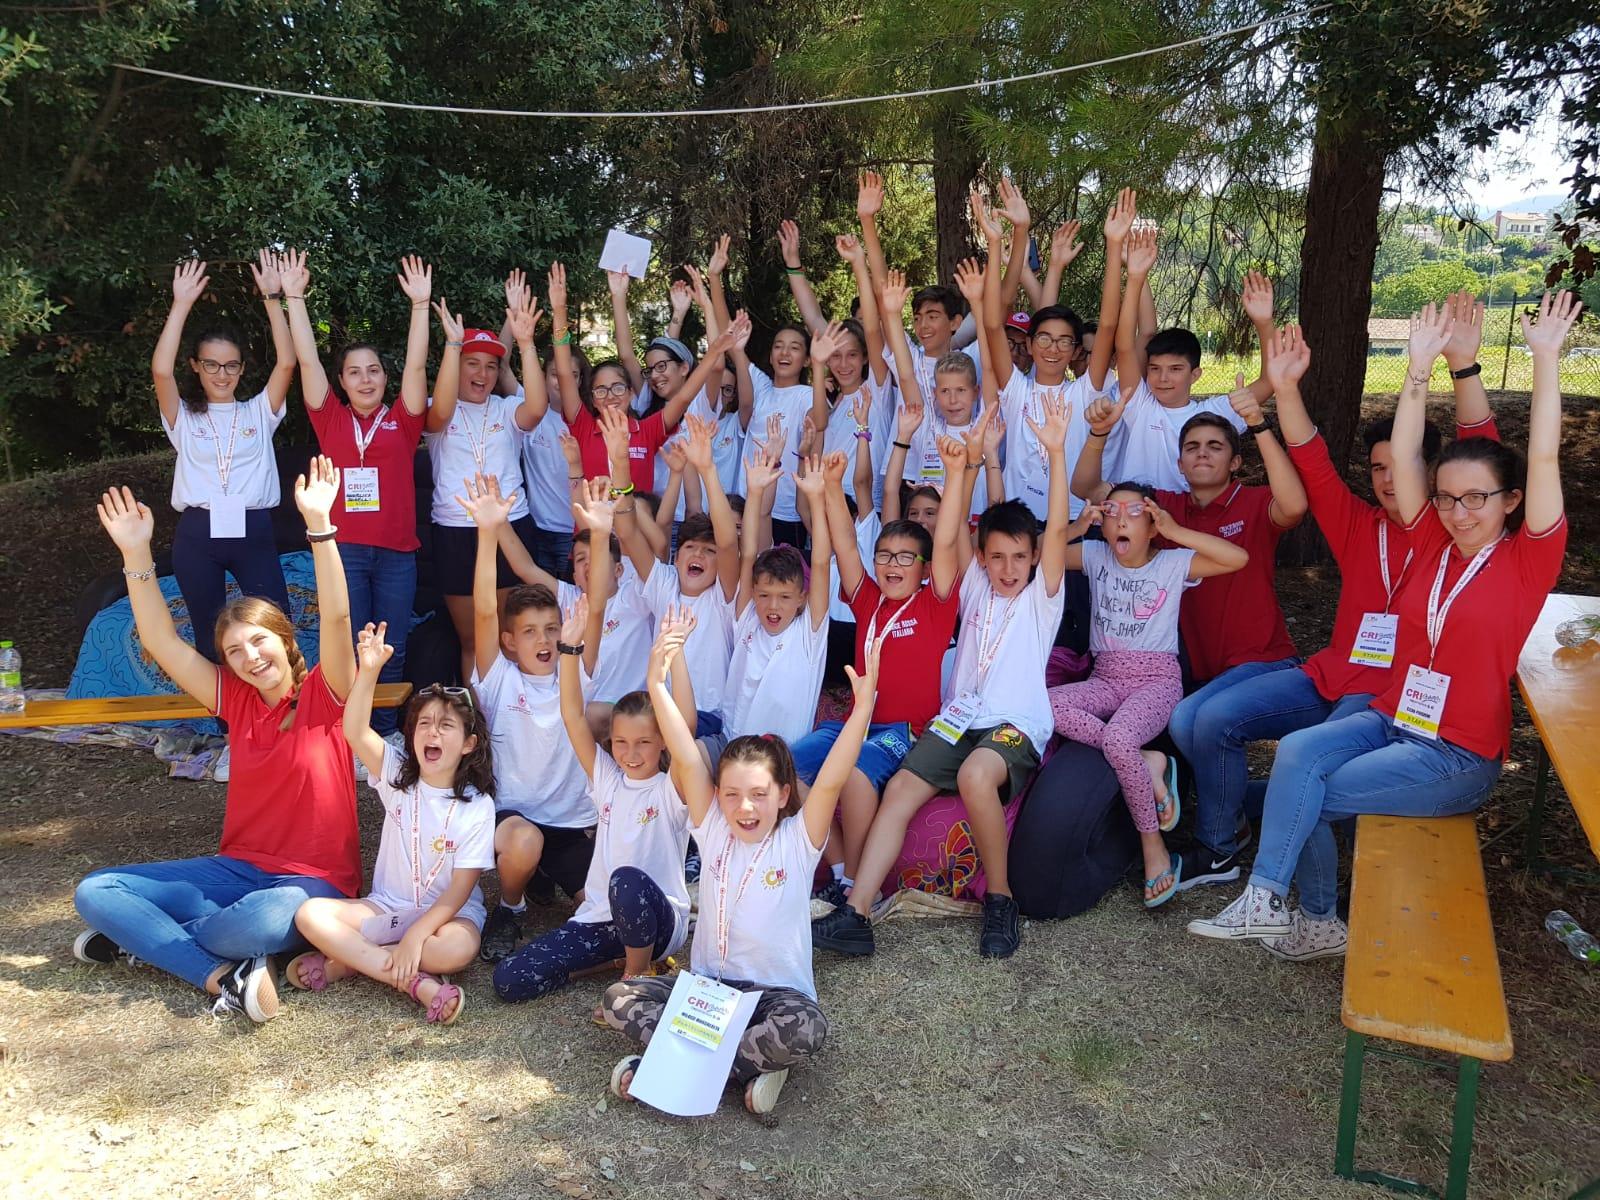 A Spoleto e Roma i CRI Summer Camp 2018: divertimento e formazione per i giovani delle aree colpite dal sisma